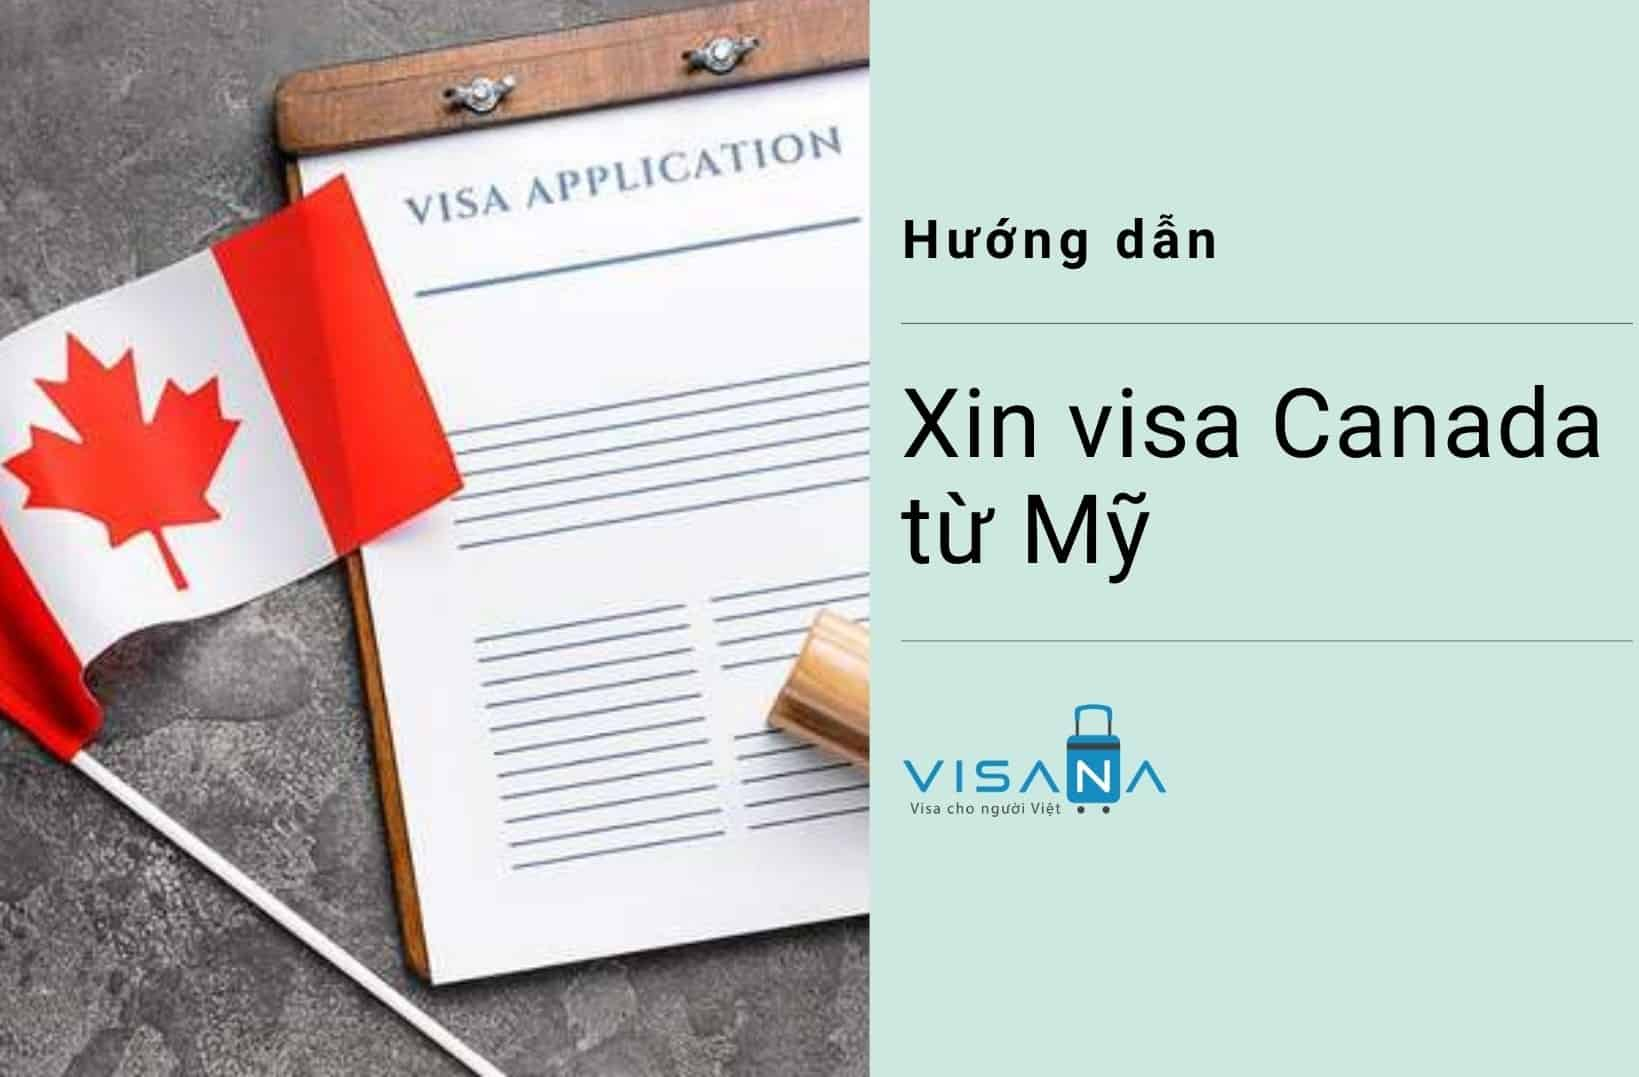 Hướng dẫn xin visa Canada từ Mỹ